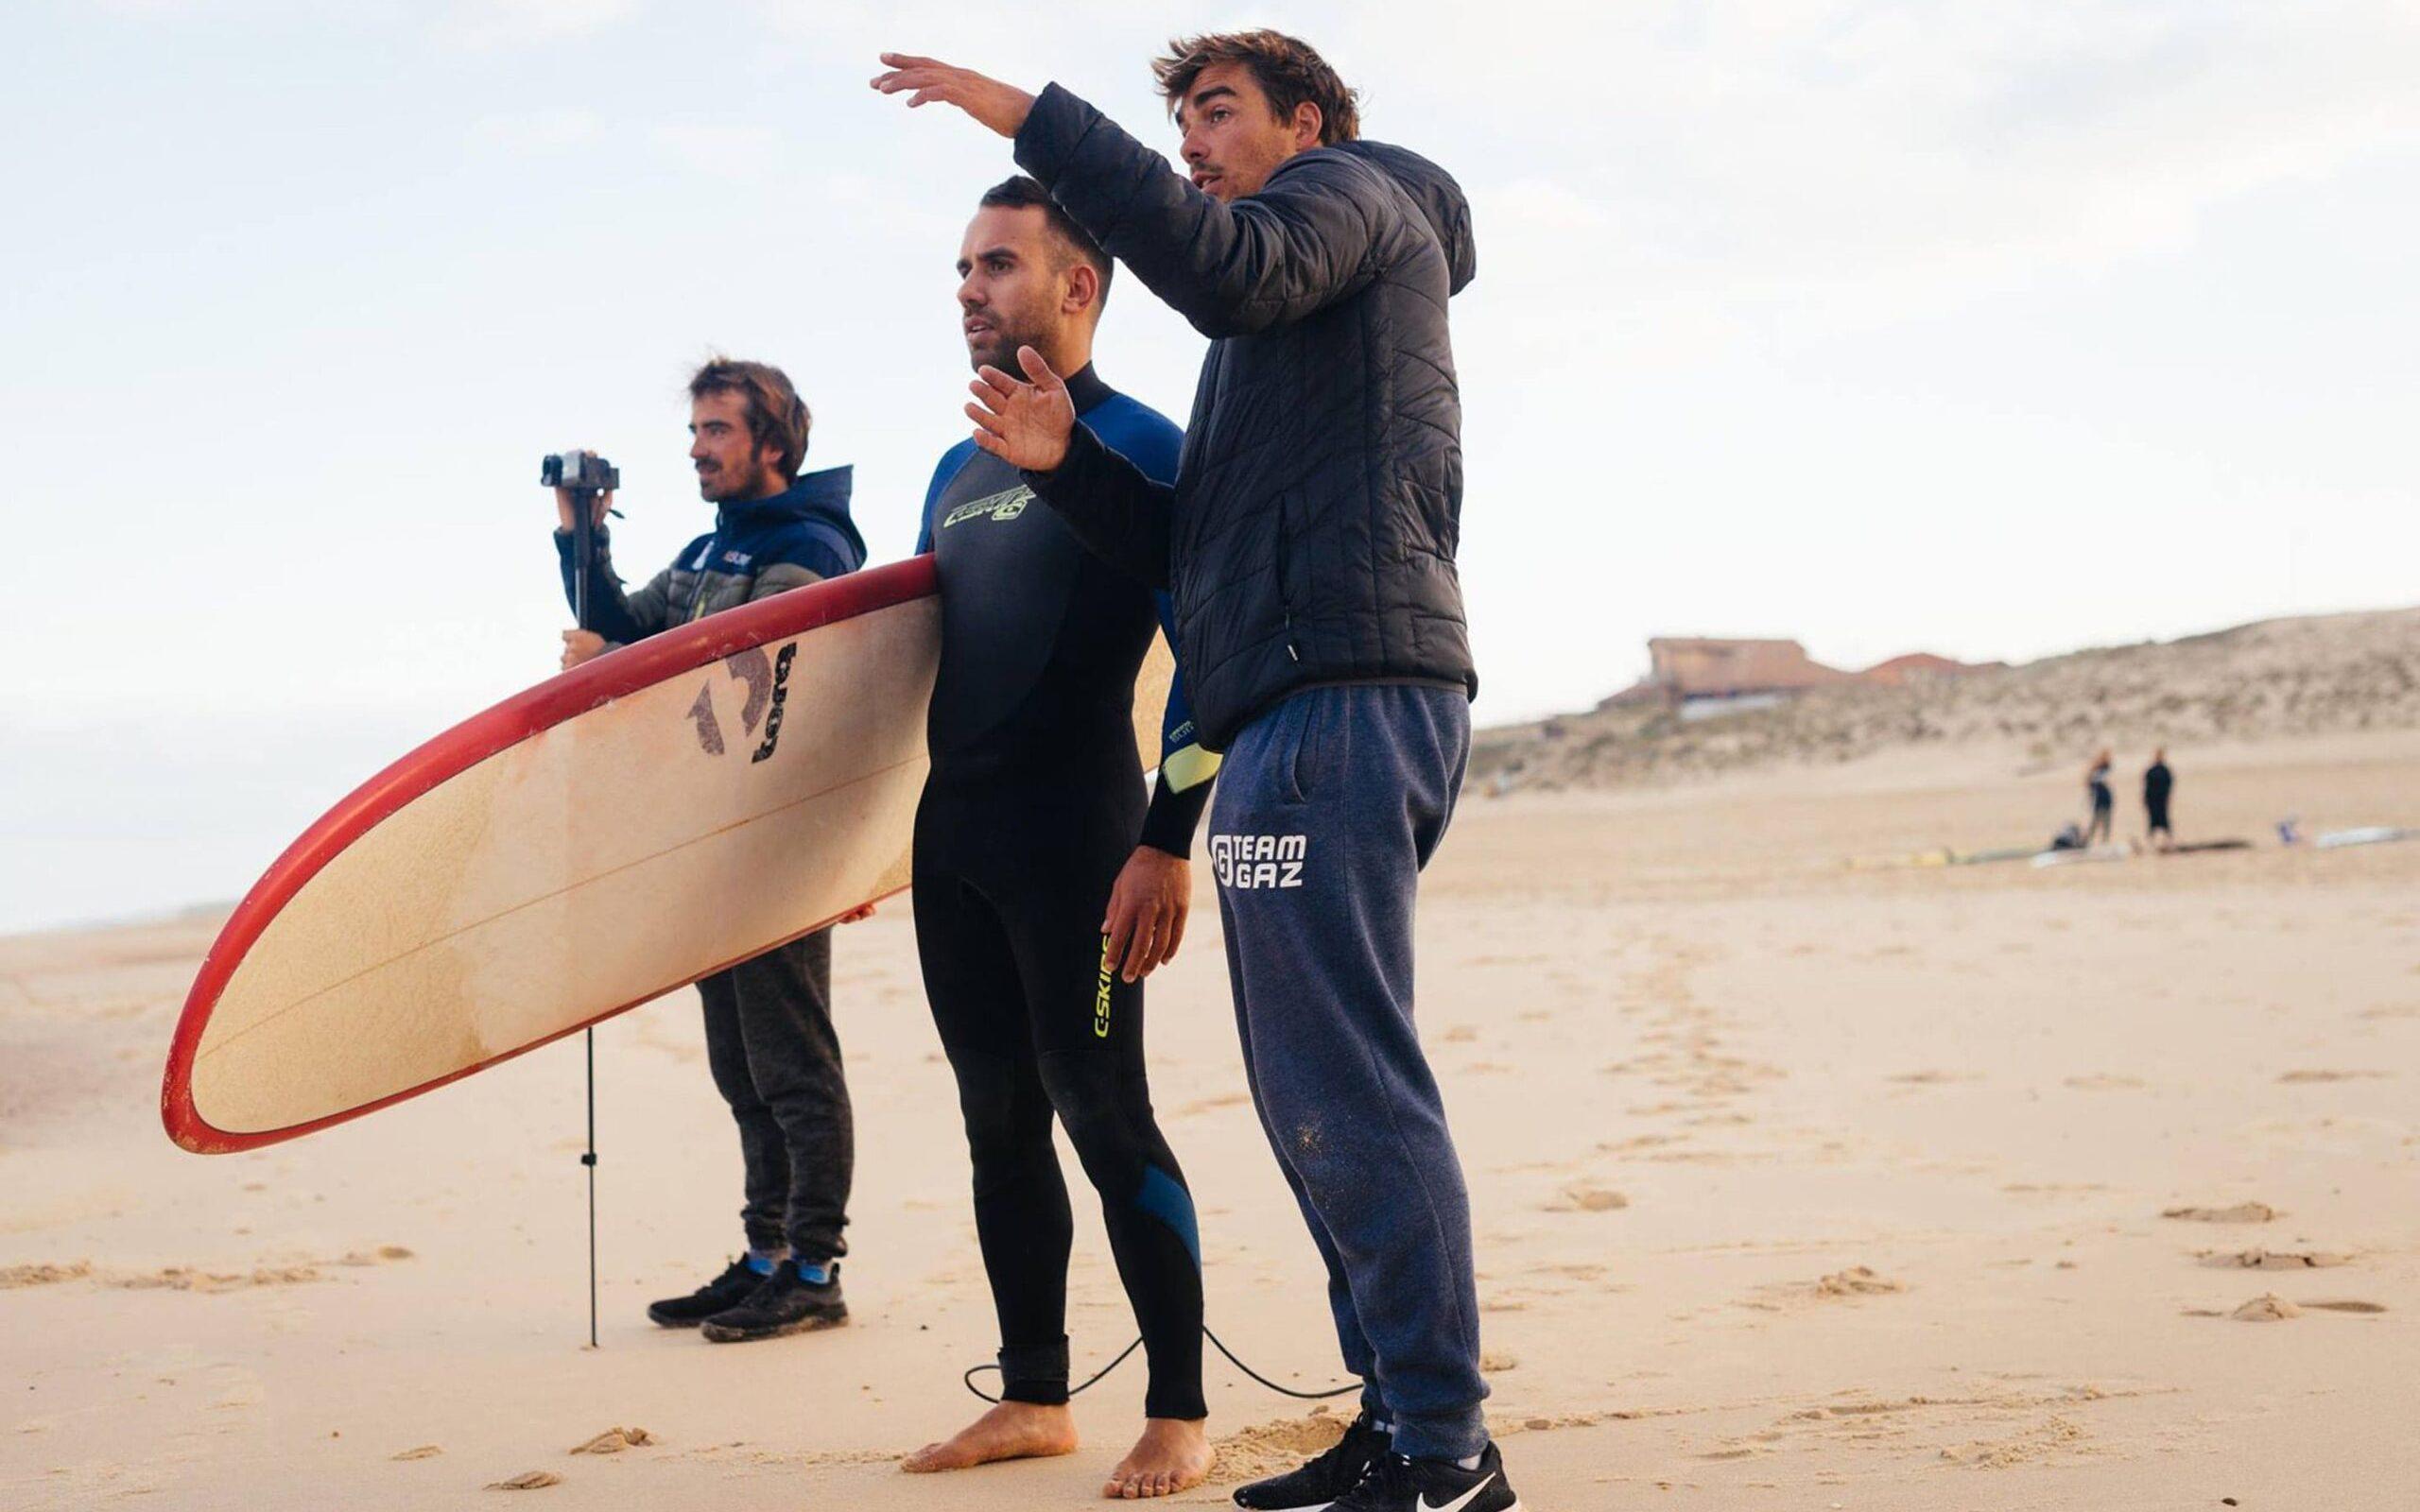 Uitleg aan een intermediate surfer